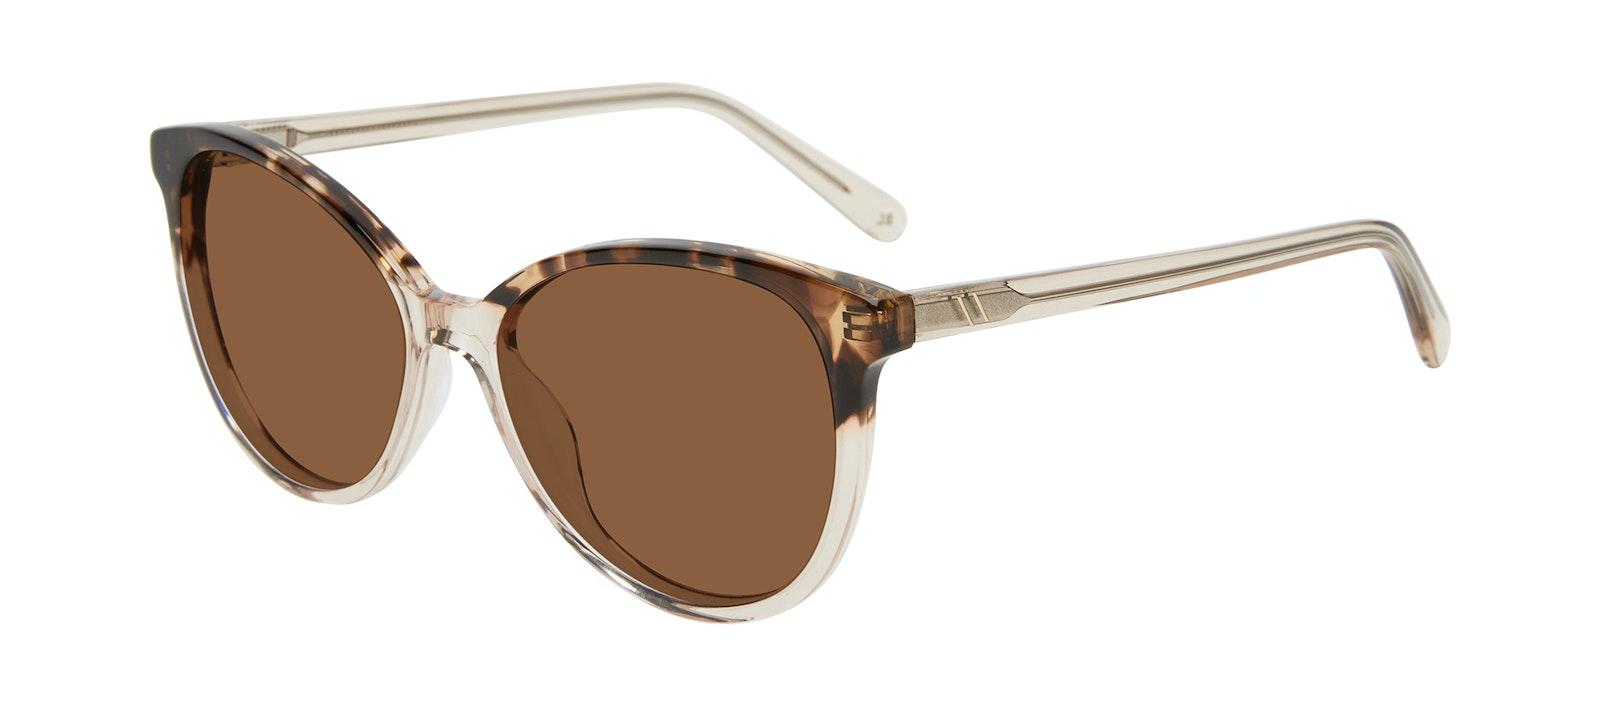 Affordable Fashion Glasses Cat Eye Sunglasses Women Esprit Golden Tortoise Tilt